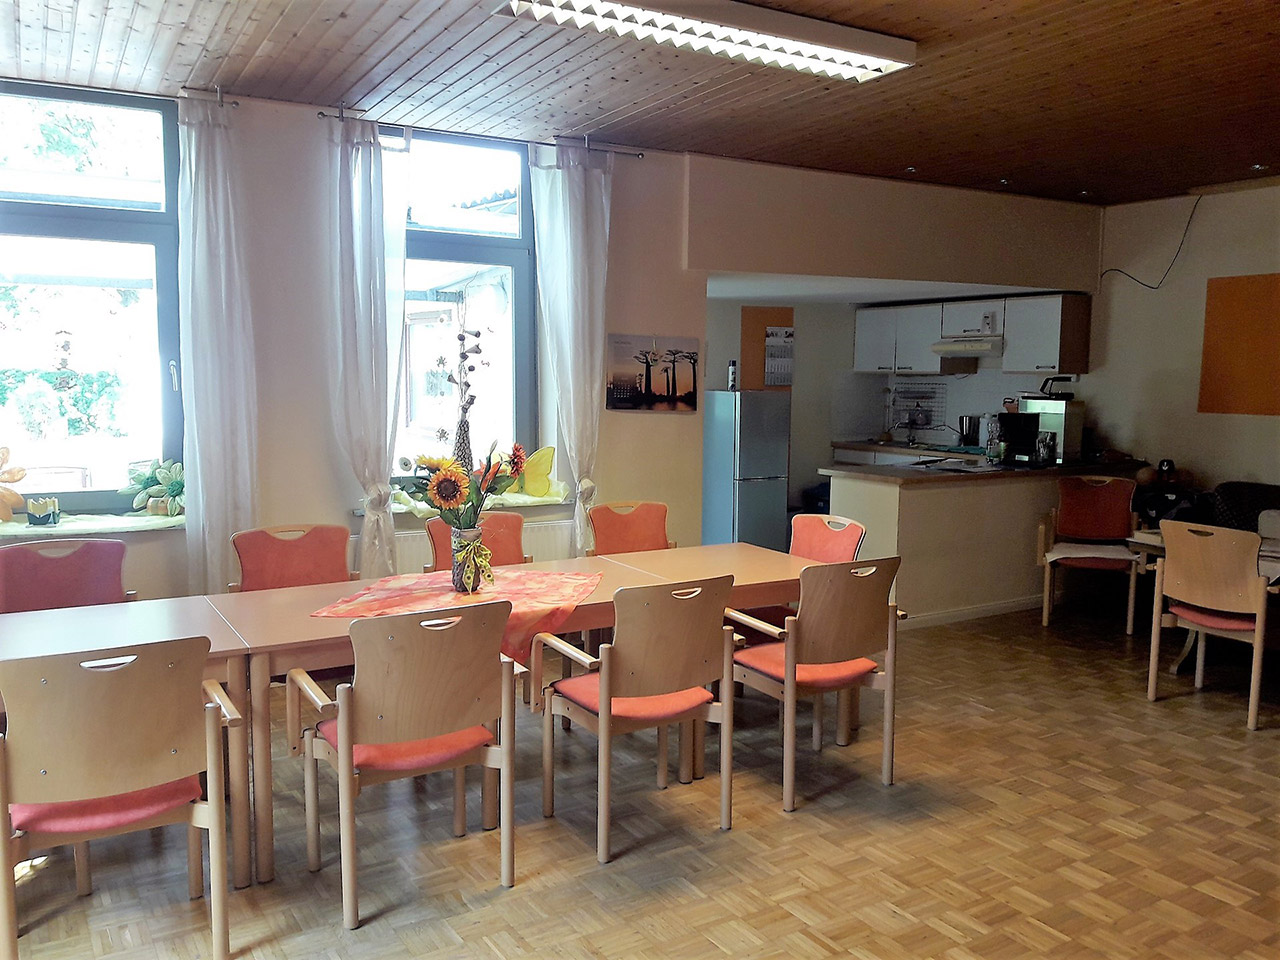 Tagespflege Sachsenhagen - Café Vergissmeinnicht